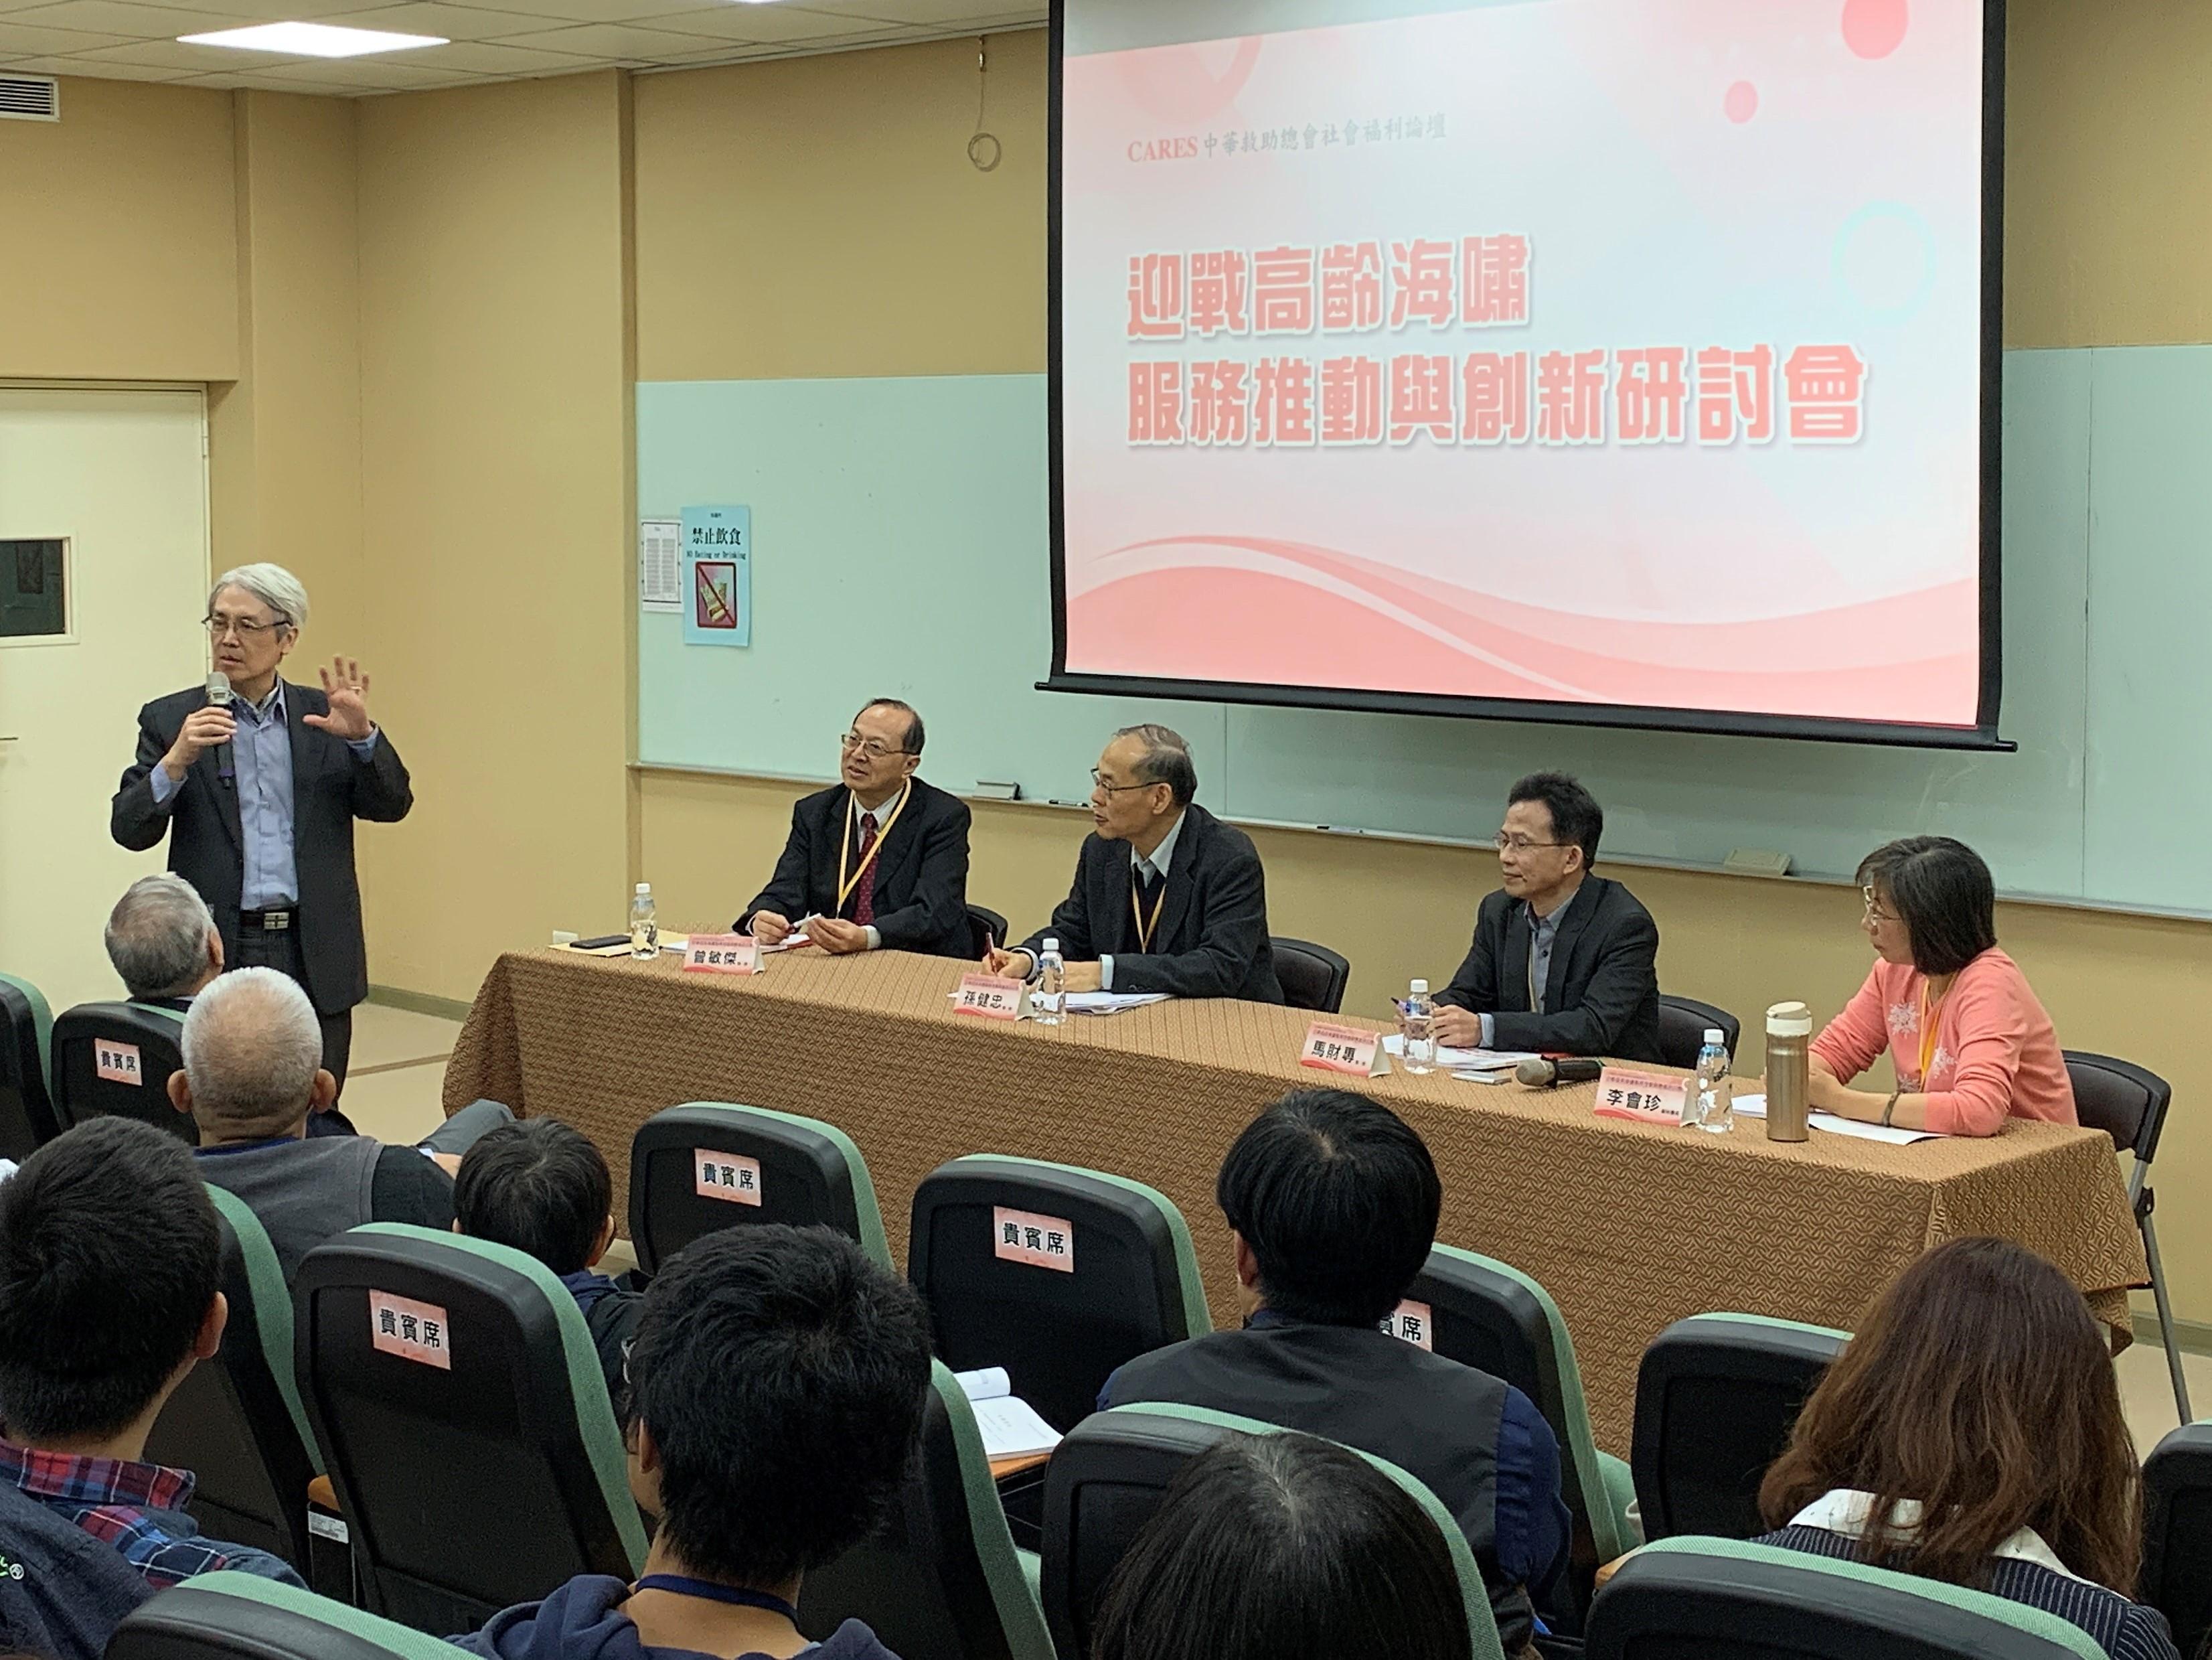 台灣大學社會學系薛承泰教授(站立者)分享學校與社區合作USR計畫有助於活躍老化。